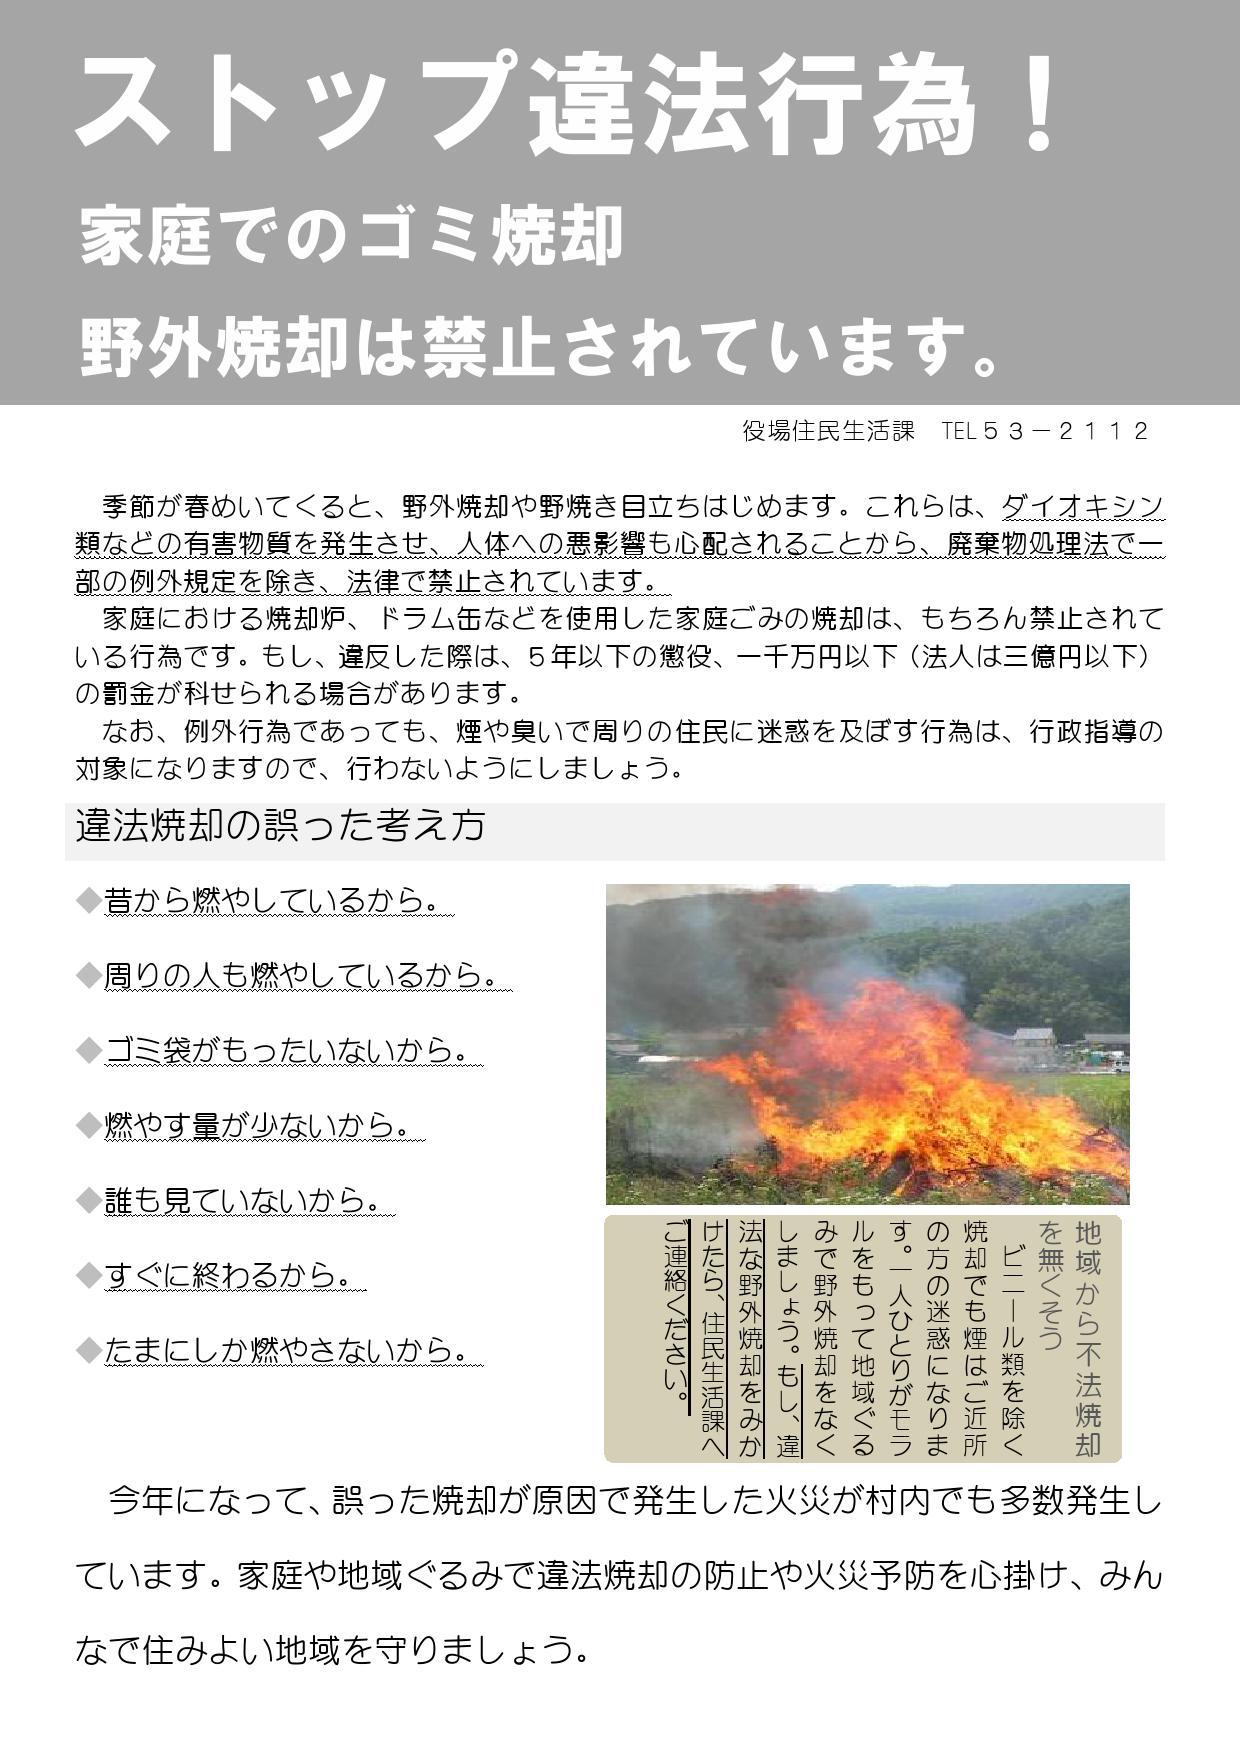 『『違法な野外焼却を見かけたら役場へ連絡してください』の画像』の画像